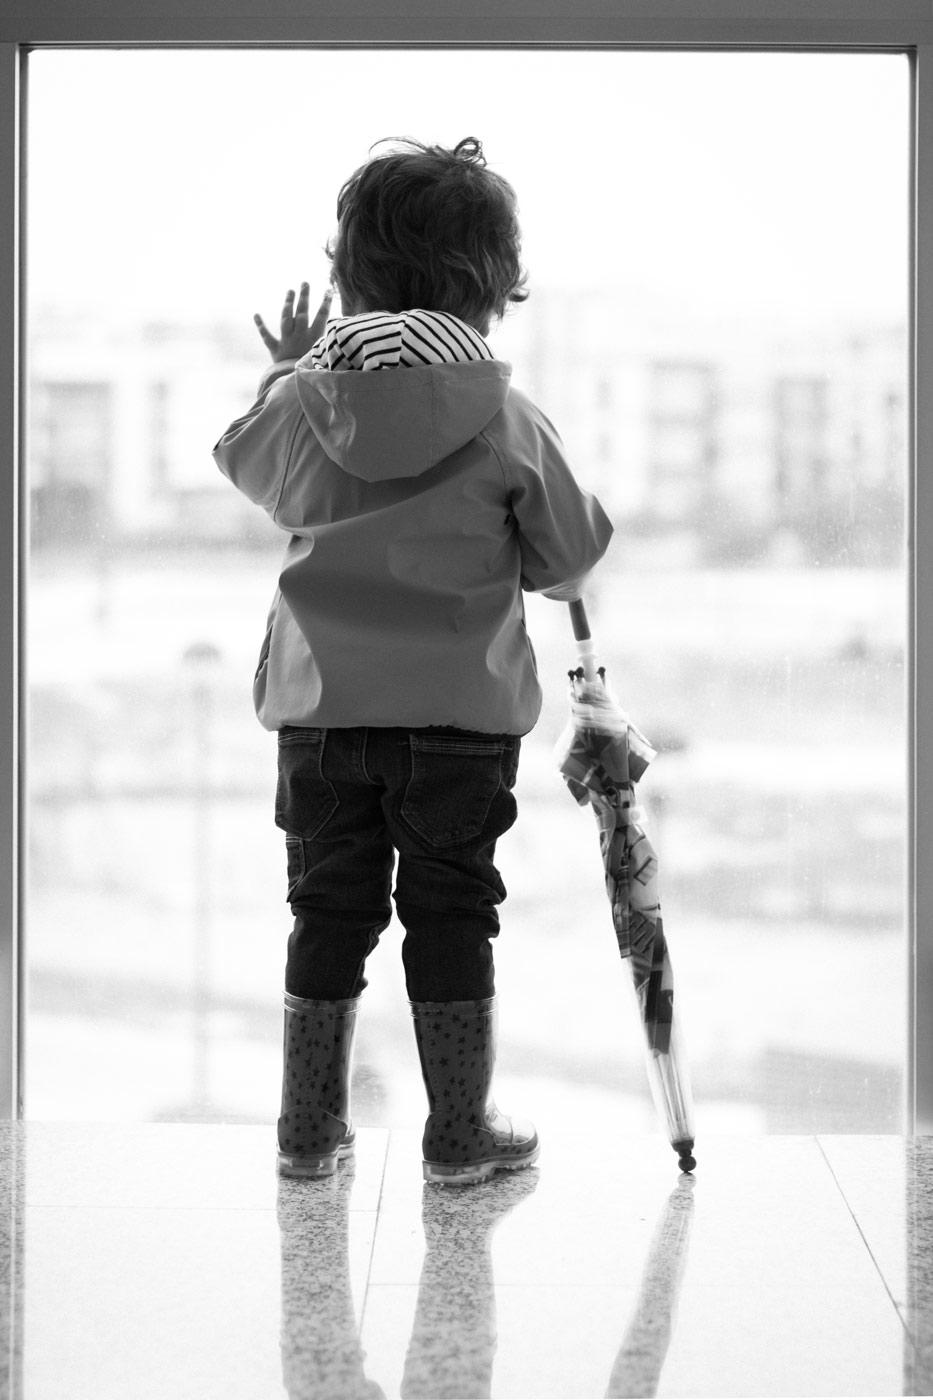 retrato en blanco y negro de un niño de espaldas mirando por un enorme ventanal con un paraguas cerrado en la mano